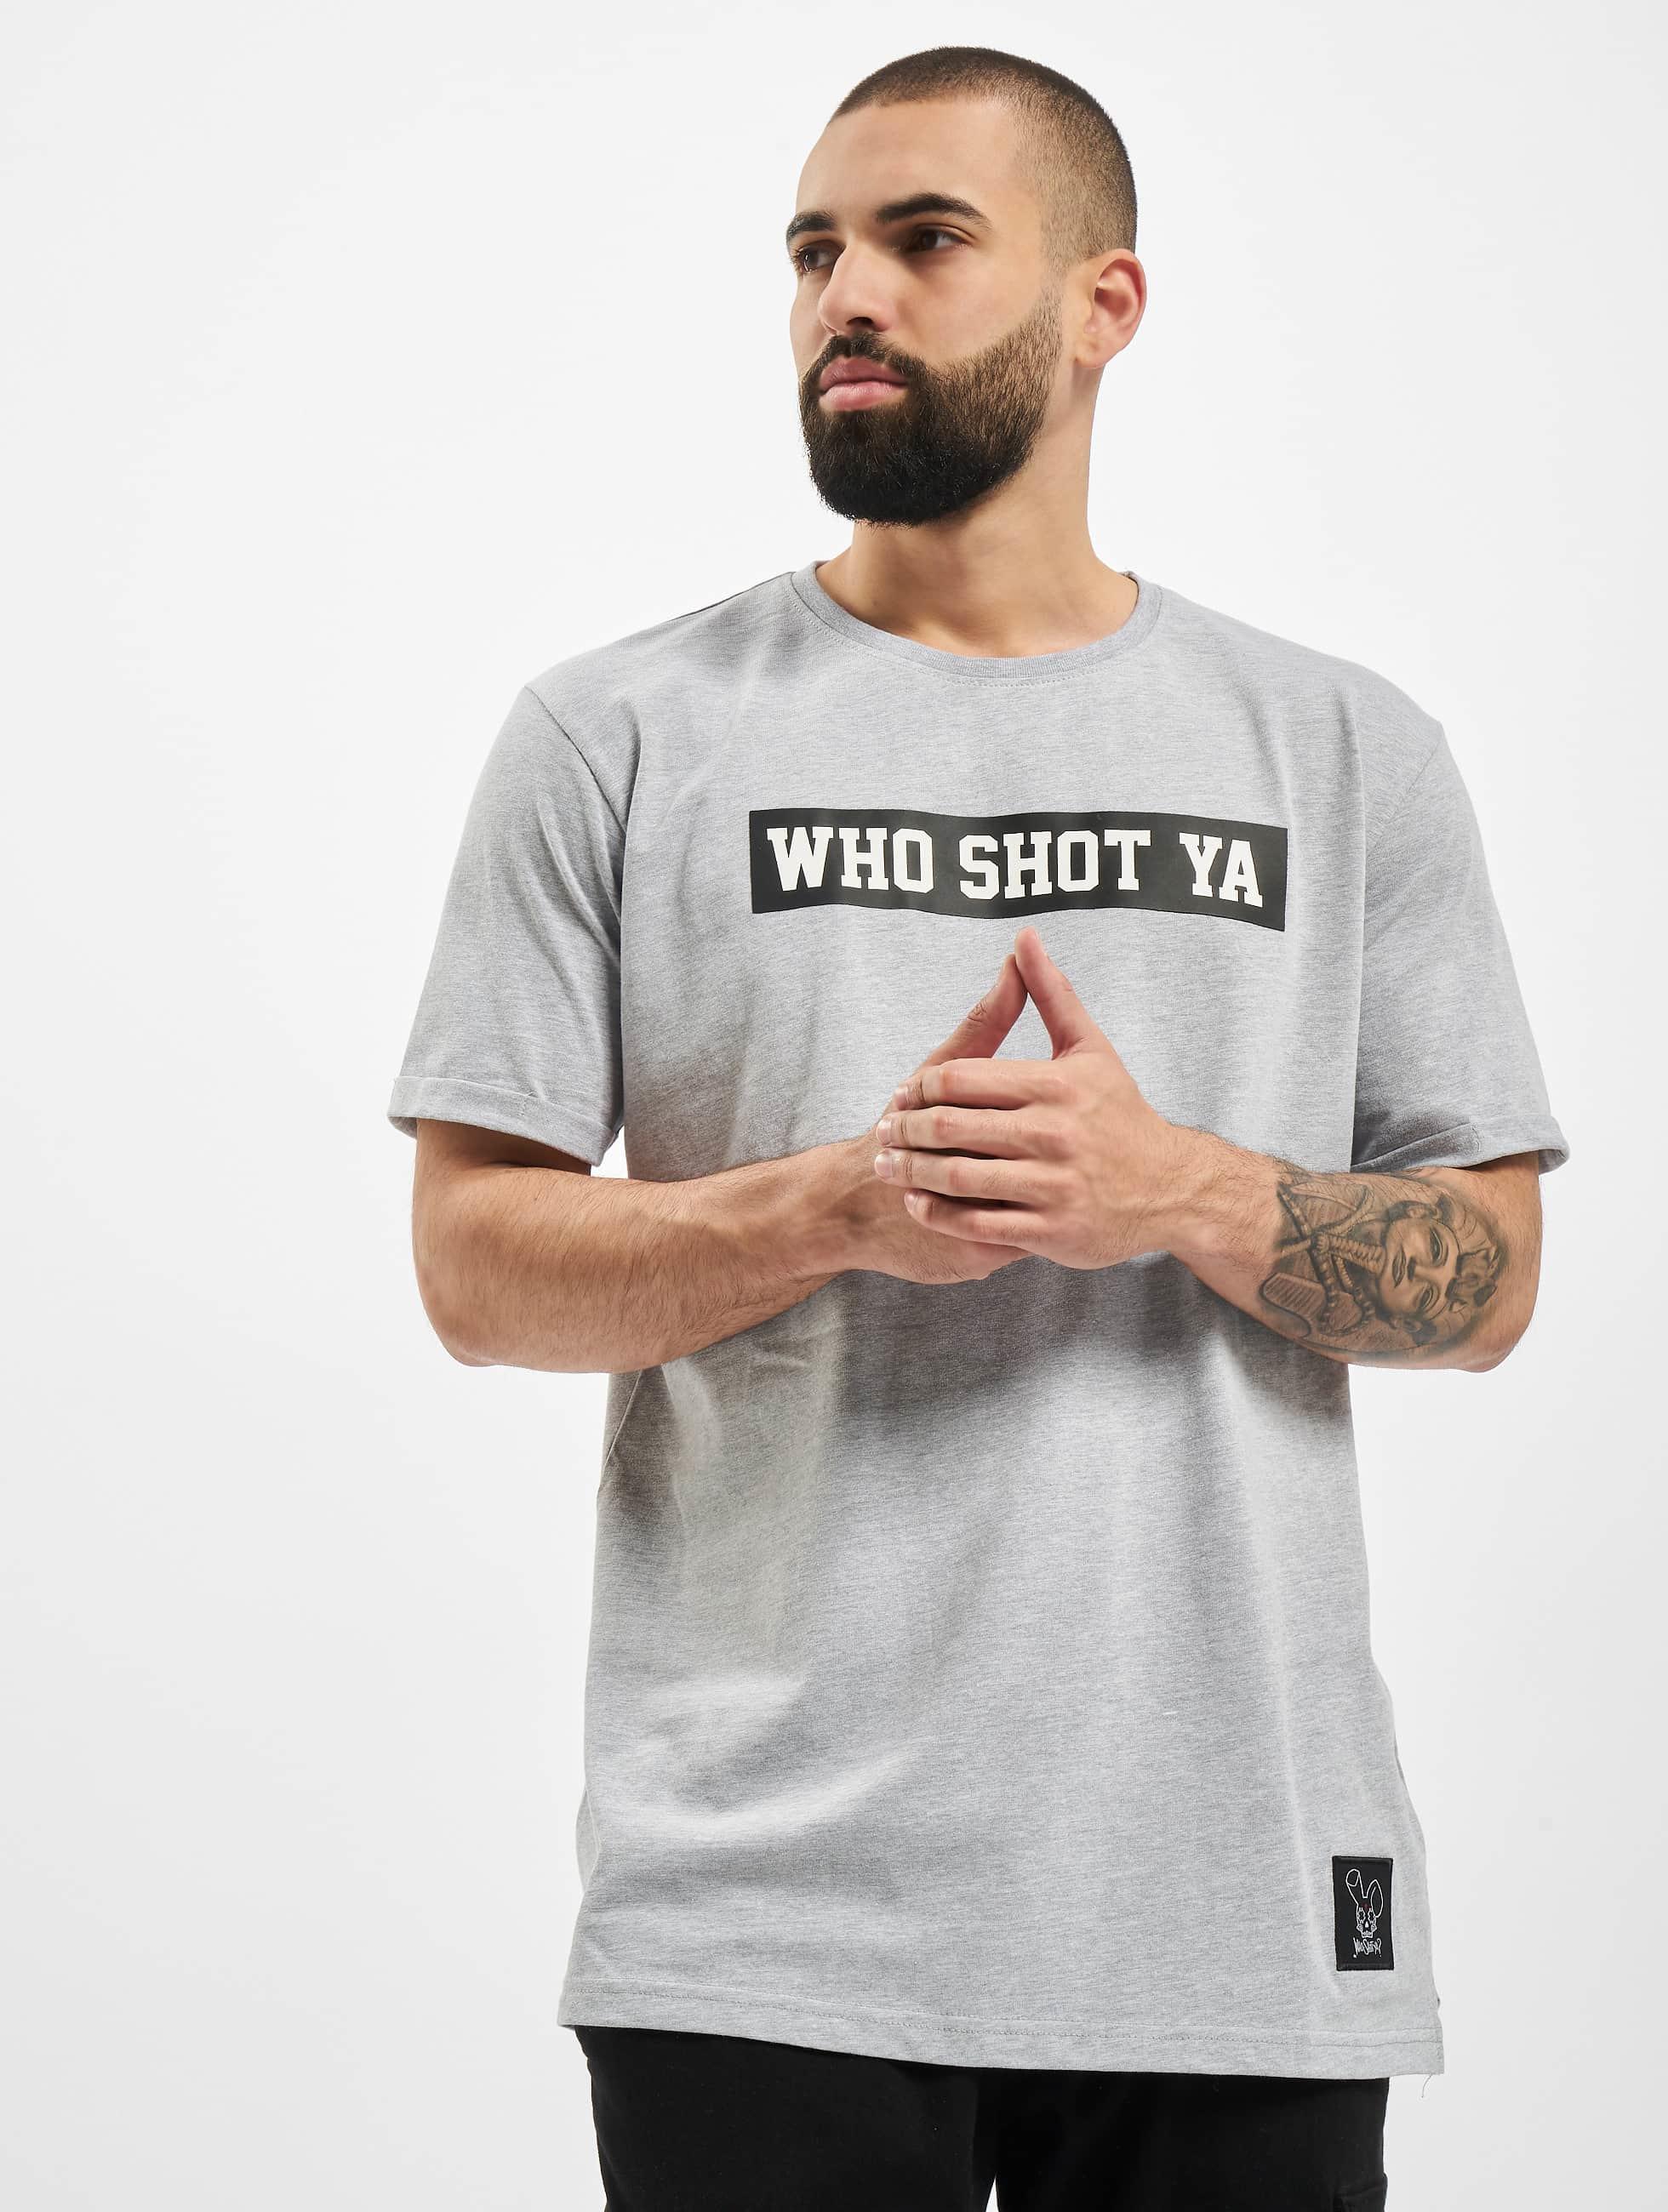 Who Shot Ya? / T-Shirt Fresh W in grey XL